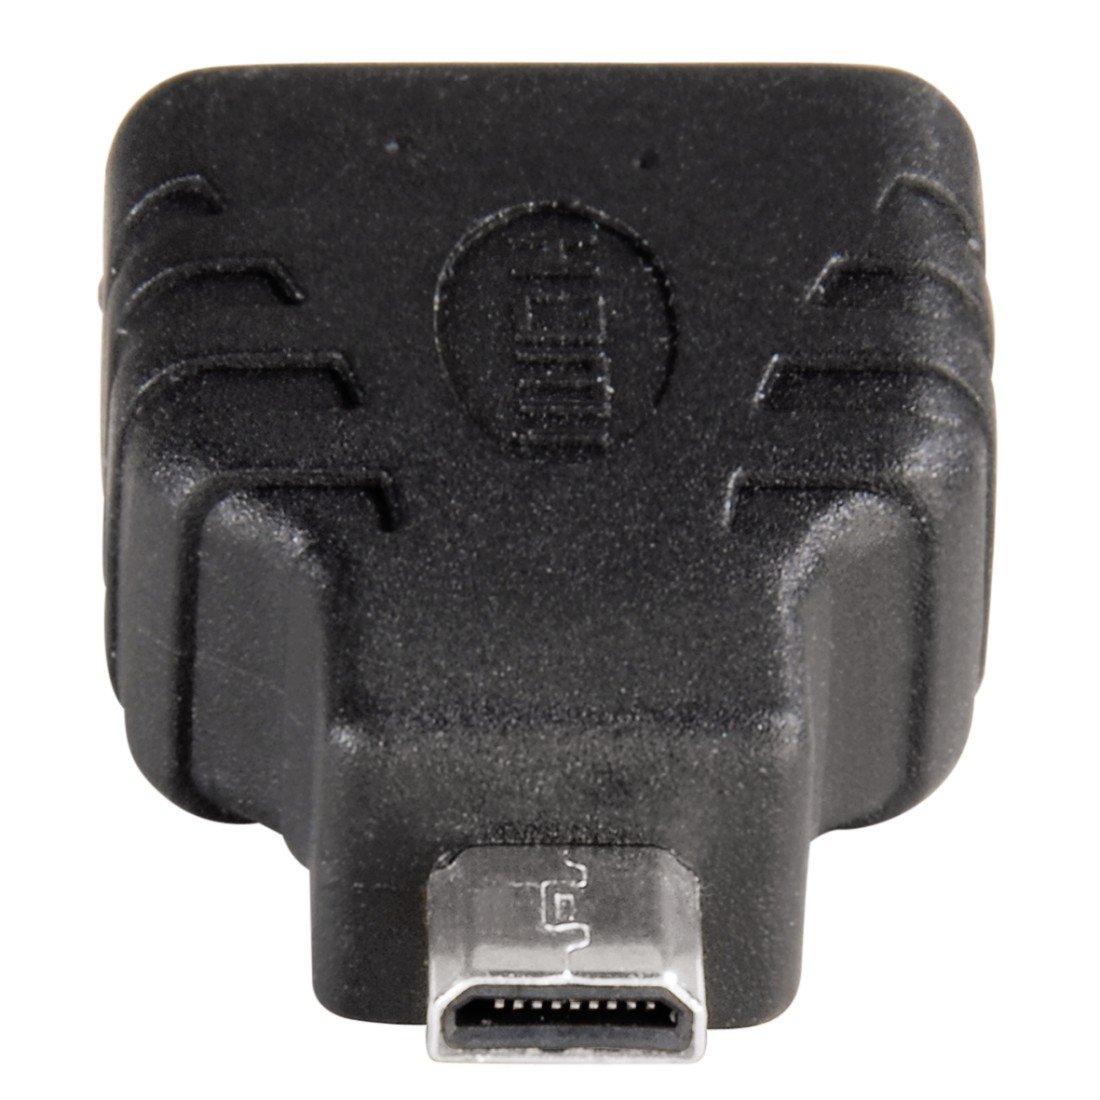 HDMI/™ femelle - HDMI/™ femelle Hama Adaptateur HDMI/™ Noir